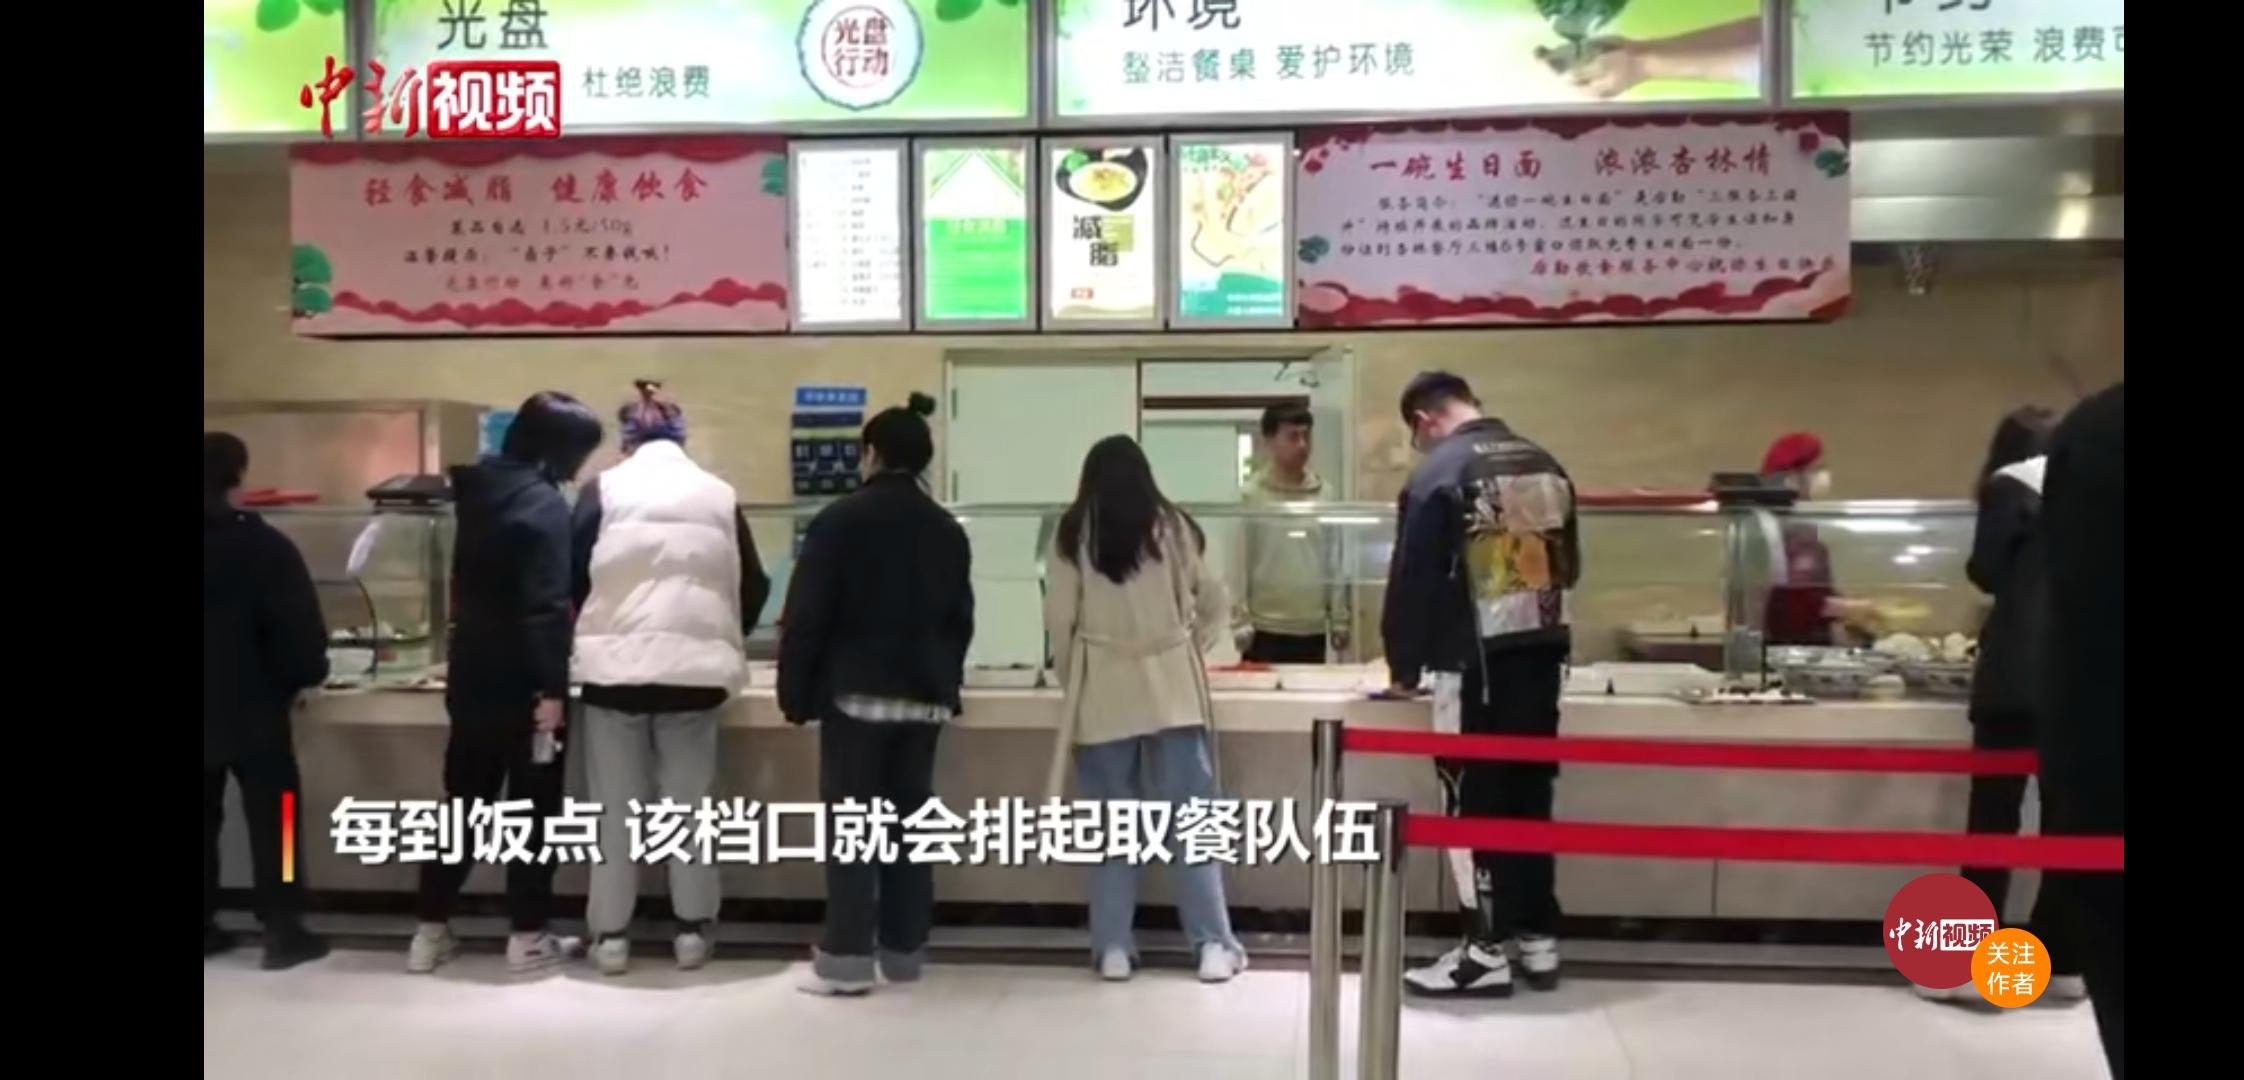 """长春中医药大学食堂推出自助""""轻食"""",很受学生欢迎"""